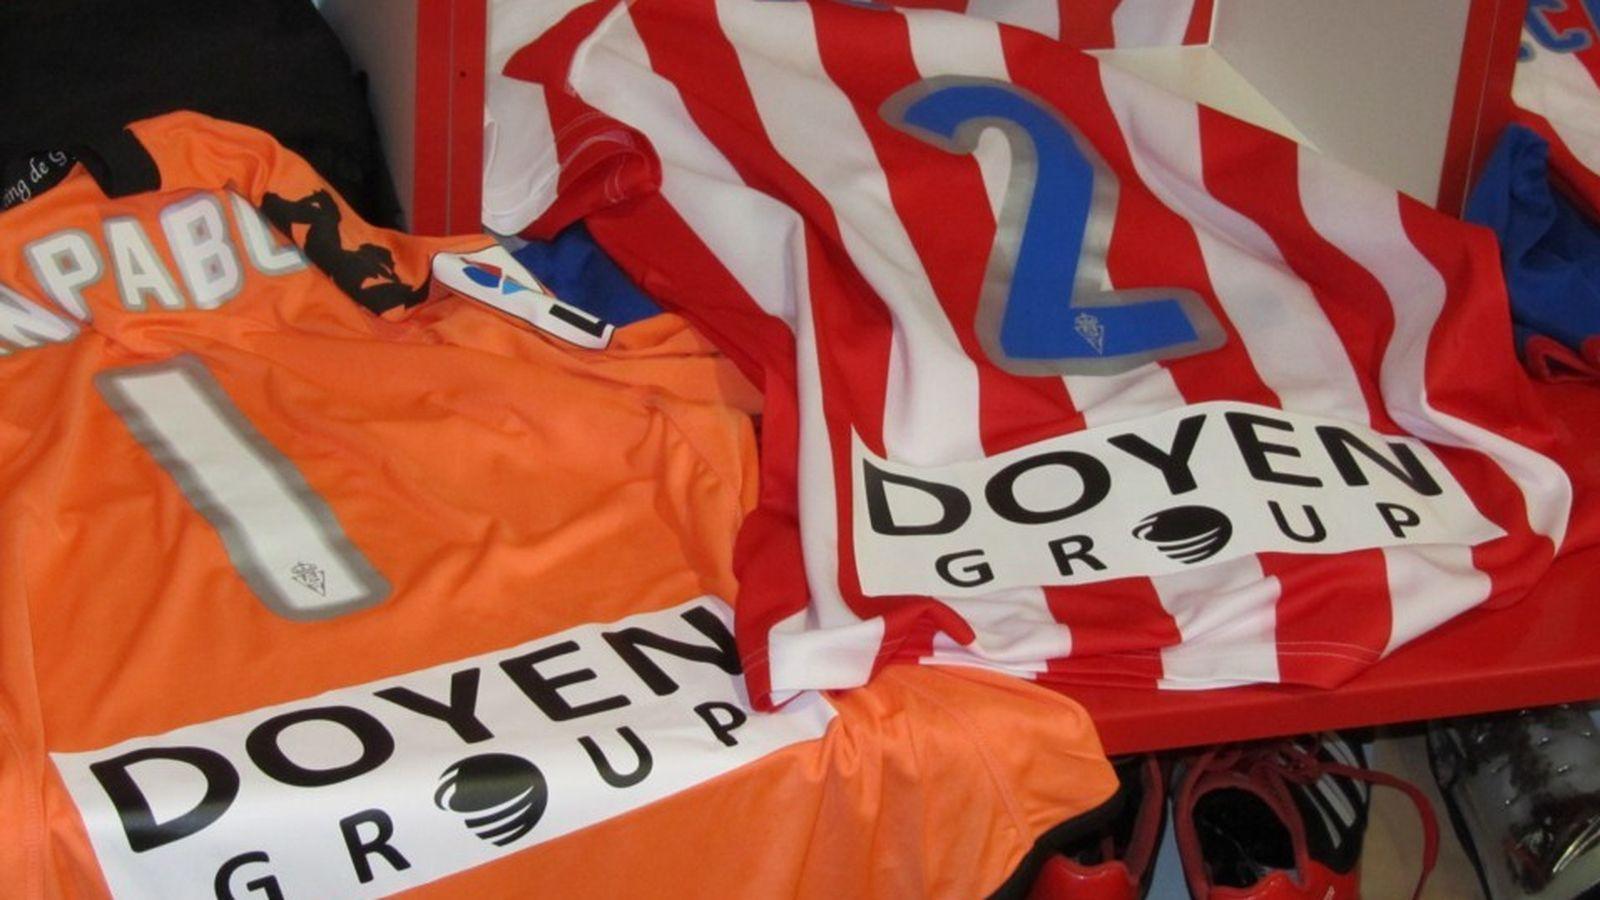 Foto: Camisetas del Sporting con el patrocinio de Doyen Group. (El Confidencial)